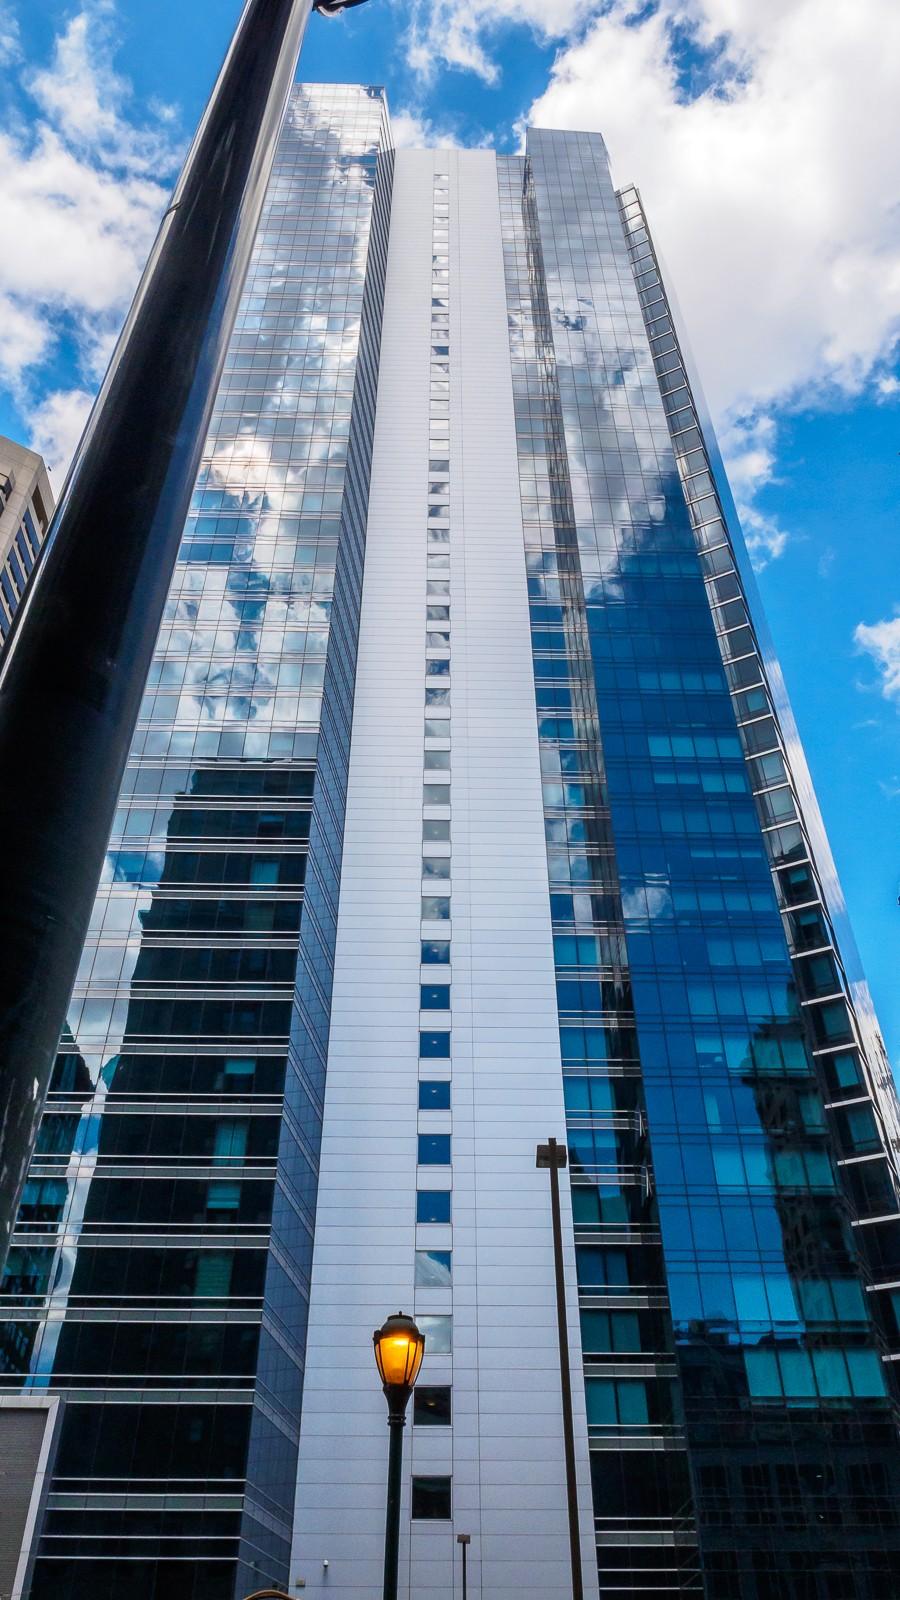 phila-architectural-5279